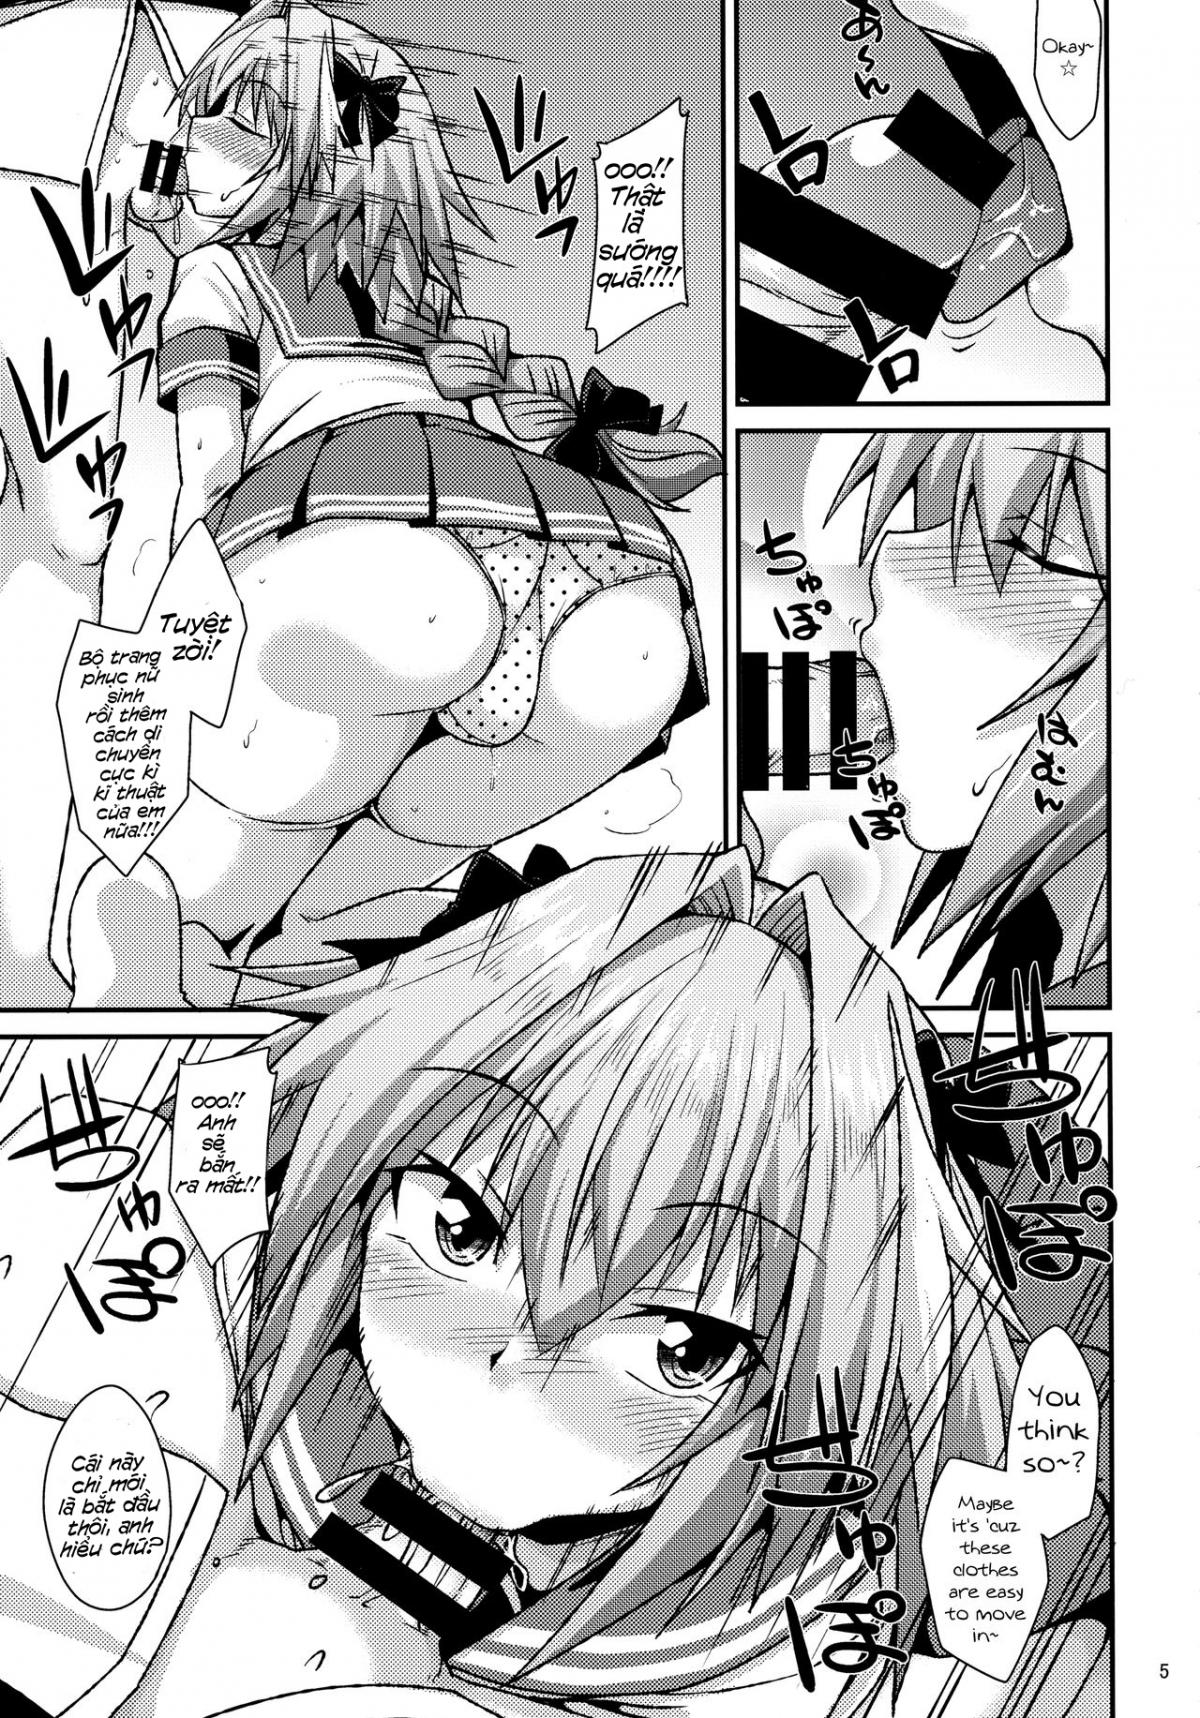 Hình ảnh  trong bài viết Truyện Tranh Gay Risei Daibakuhatsu